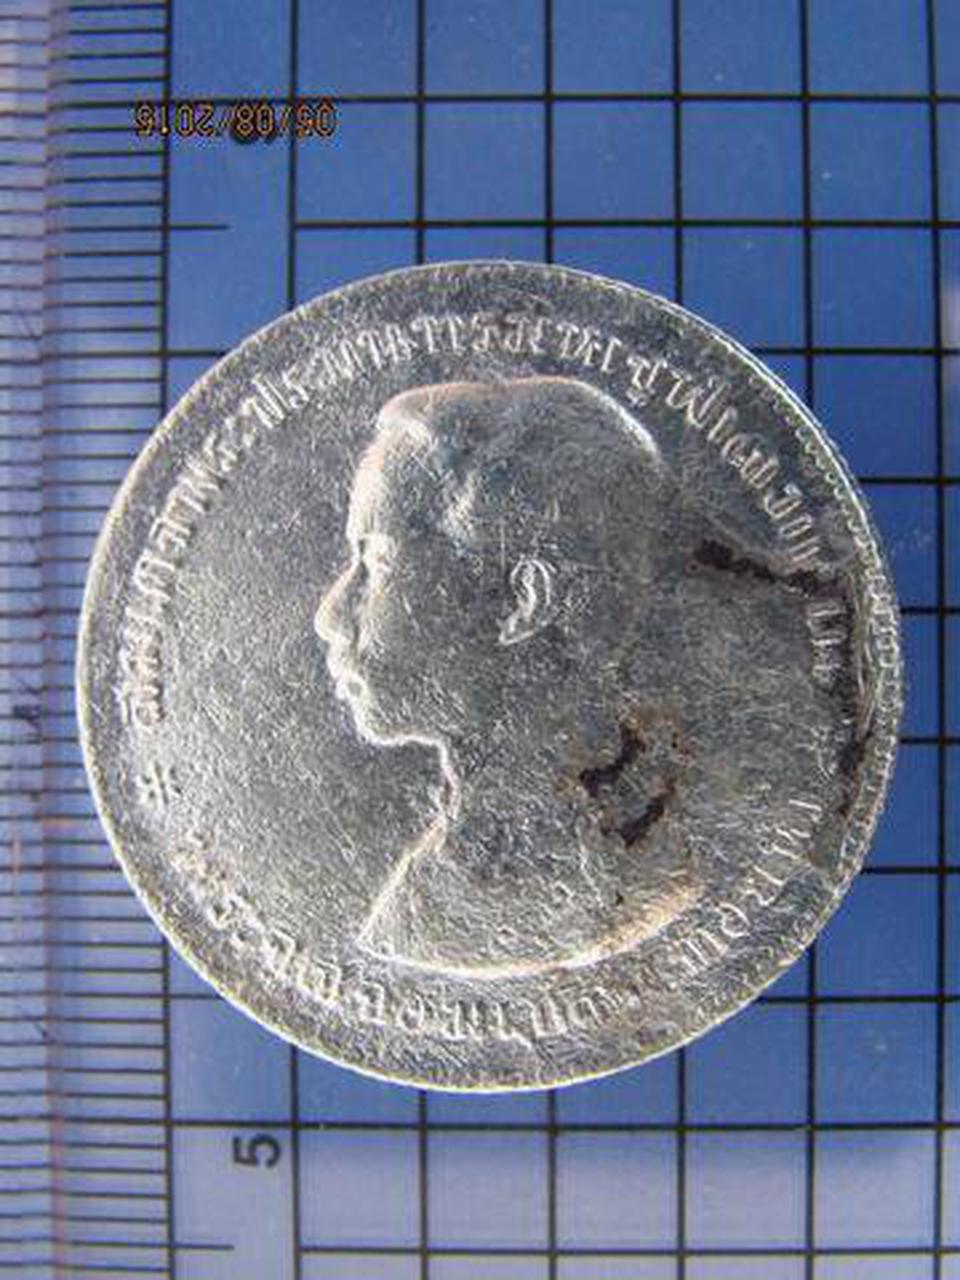 2518 เหรียญเนื้อเงิน ร.5 หลังตราแผ่นดิน ราคา บาทหนึ่ง เหรียญ รูปที่ 2